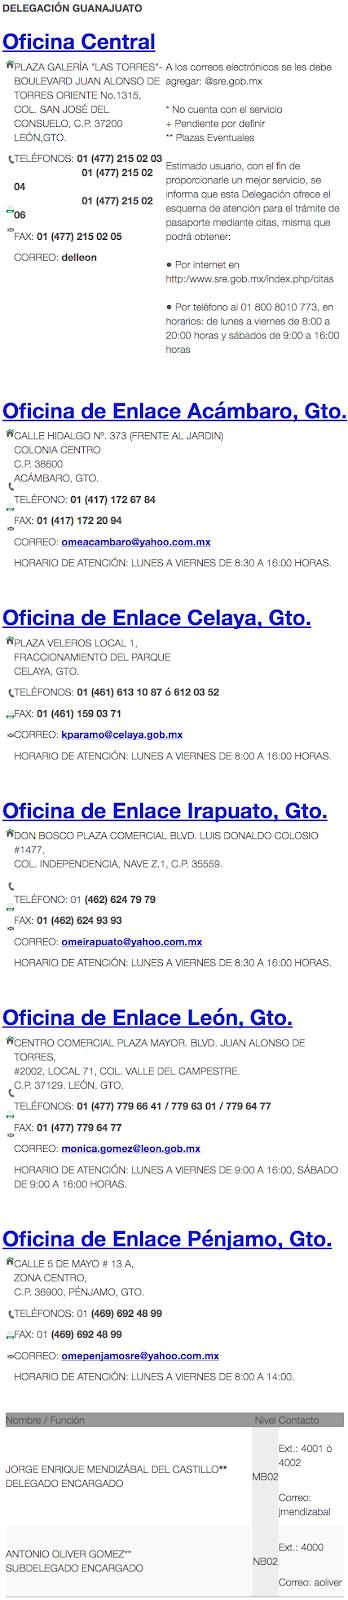 ¿Cuanto cuesta el pasaporte en Guanajuato? ¿Cuales son los precios de pasaporte y renovacion?